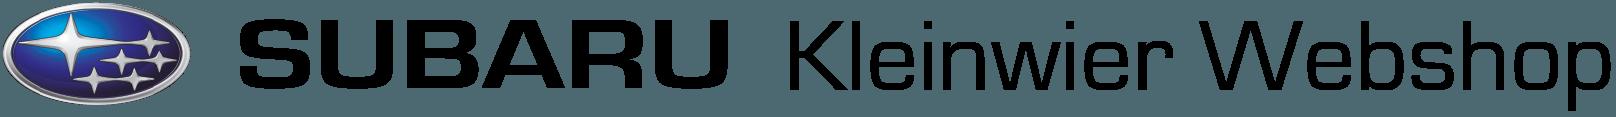 Subaru Kleinwier Webshop